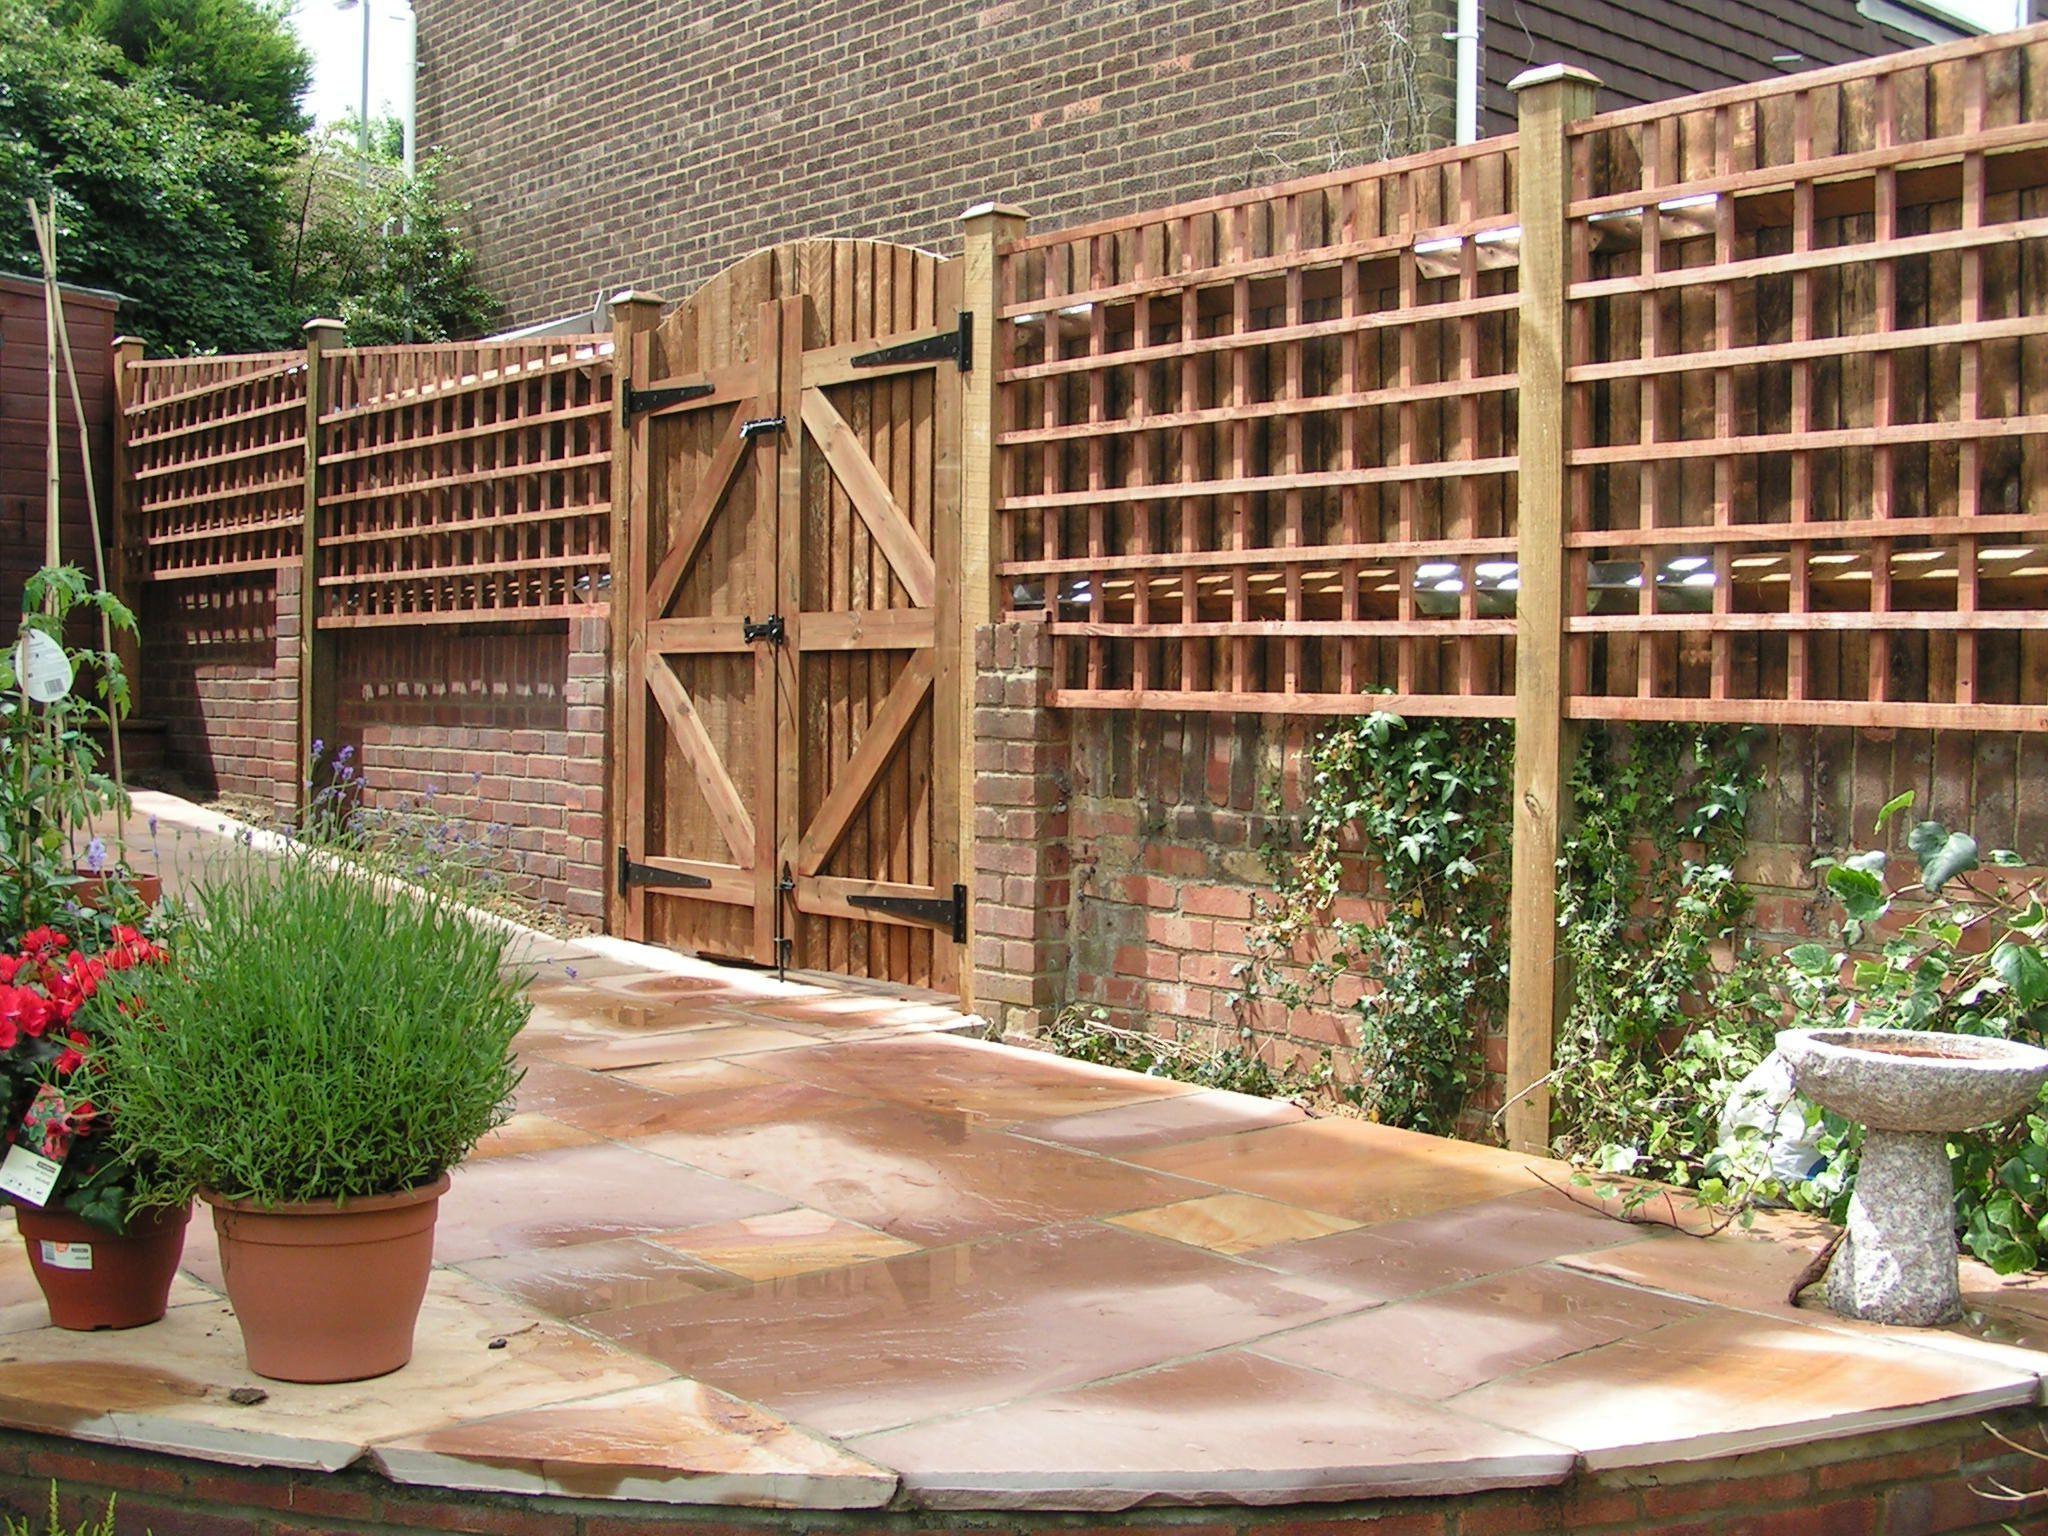 Fences made of bricks